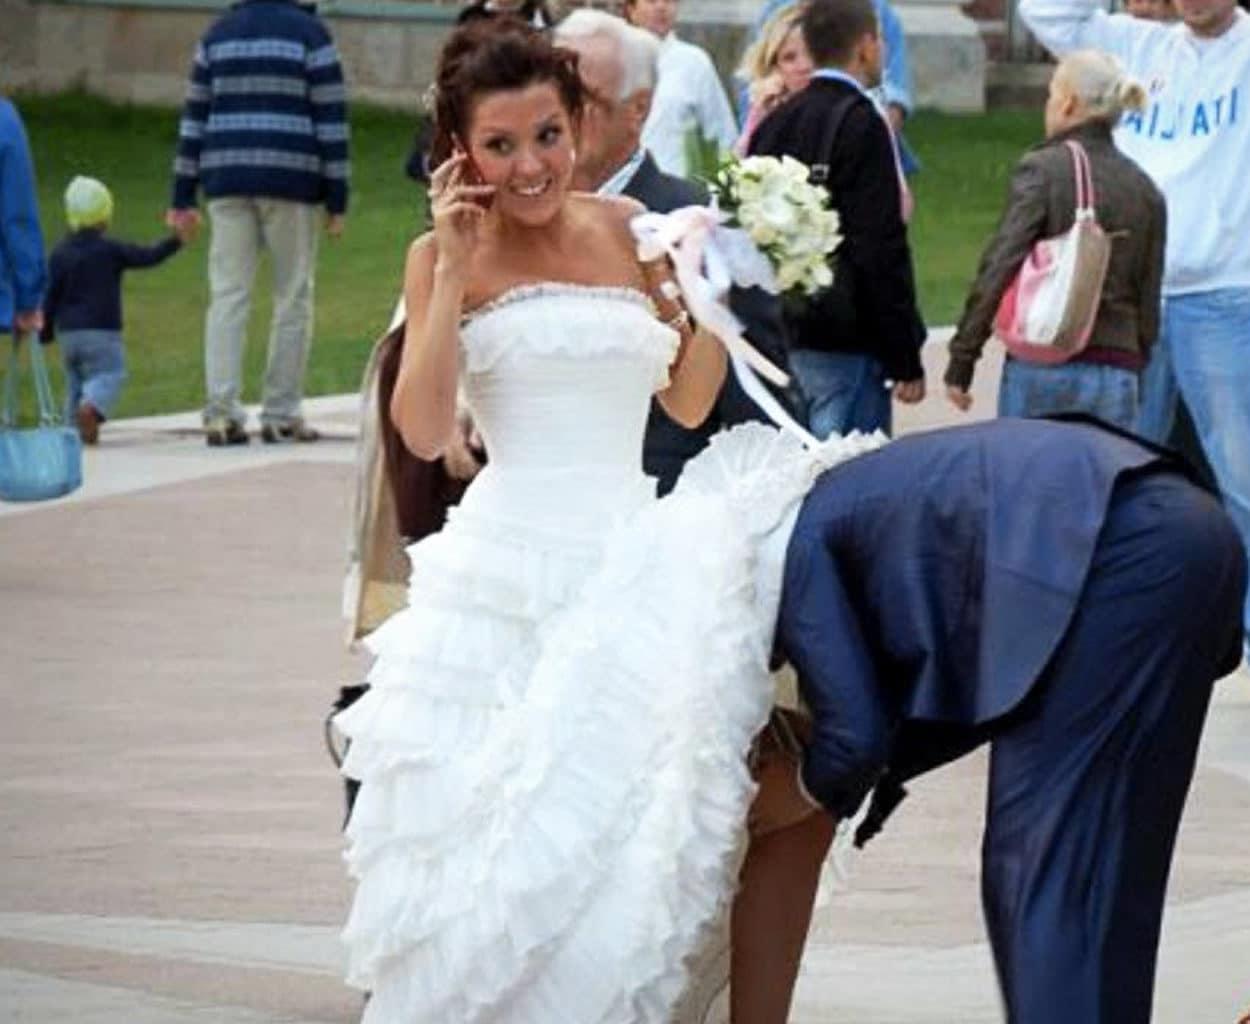 Ανέκδοτο: Η πόντια νύφη ρωτάει την μάνα της τι βρ#κί να βάλει την πρώτη νύχτα του γάμου της ..,! Τρελό γέλιο